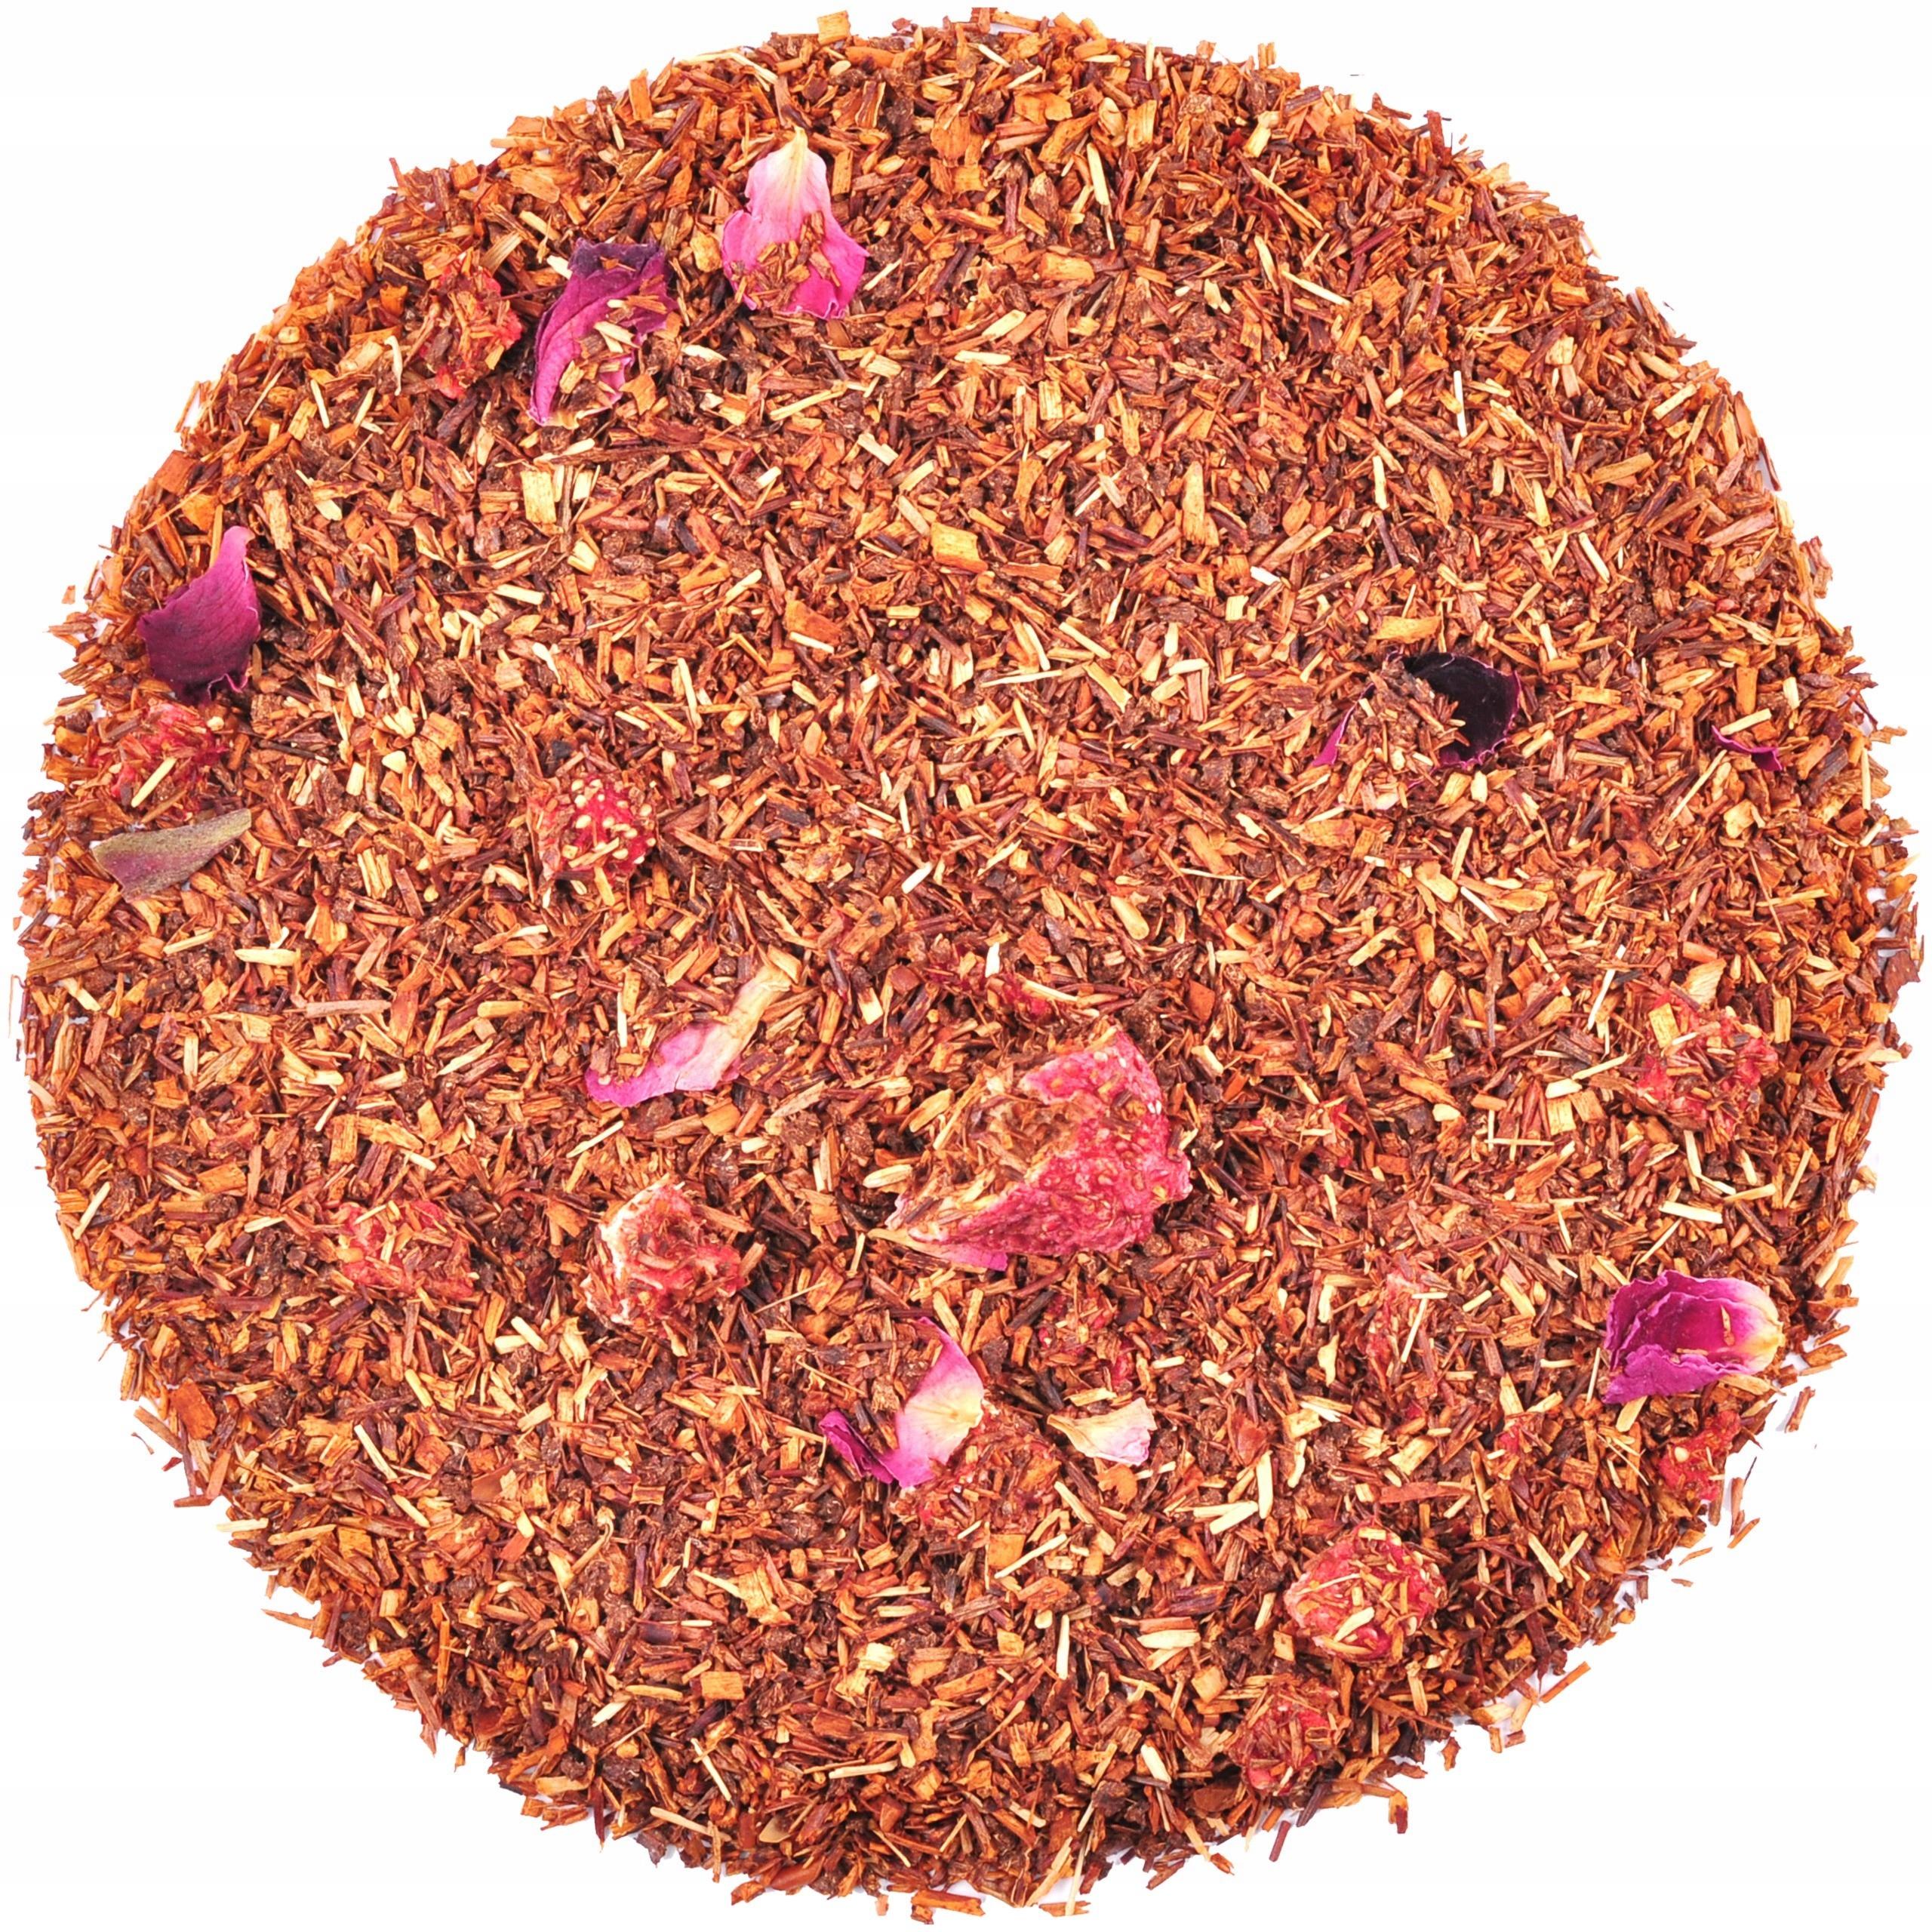 Herbata ROOIBOS POZIOMKOWY 50g SUPER SMAK